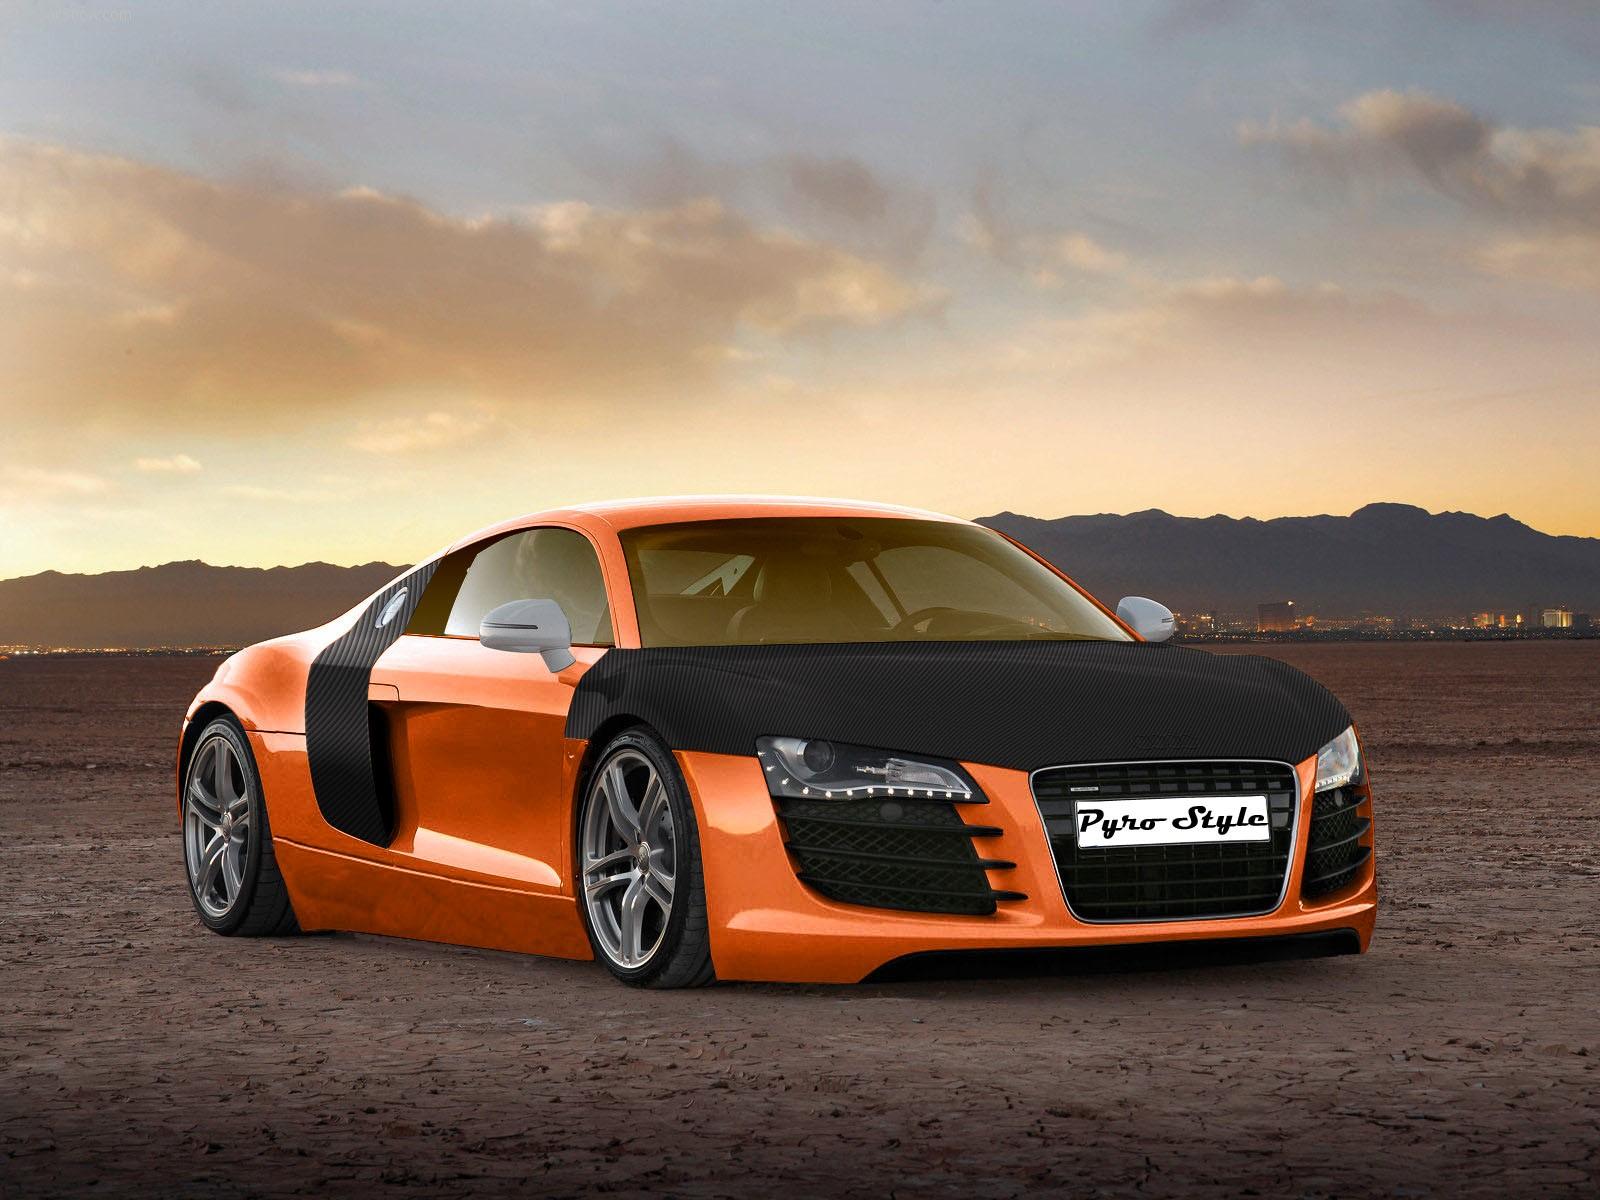 Audi TT спорткар дорога  № 3769058 загрузить